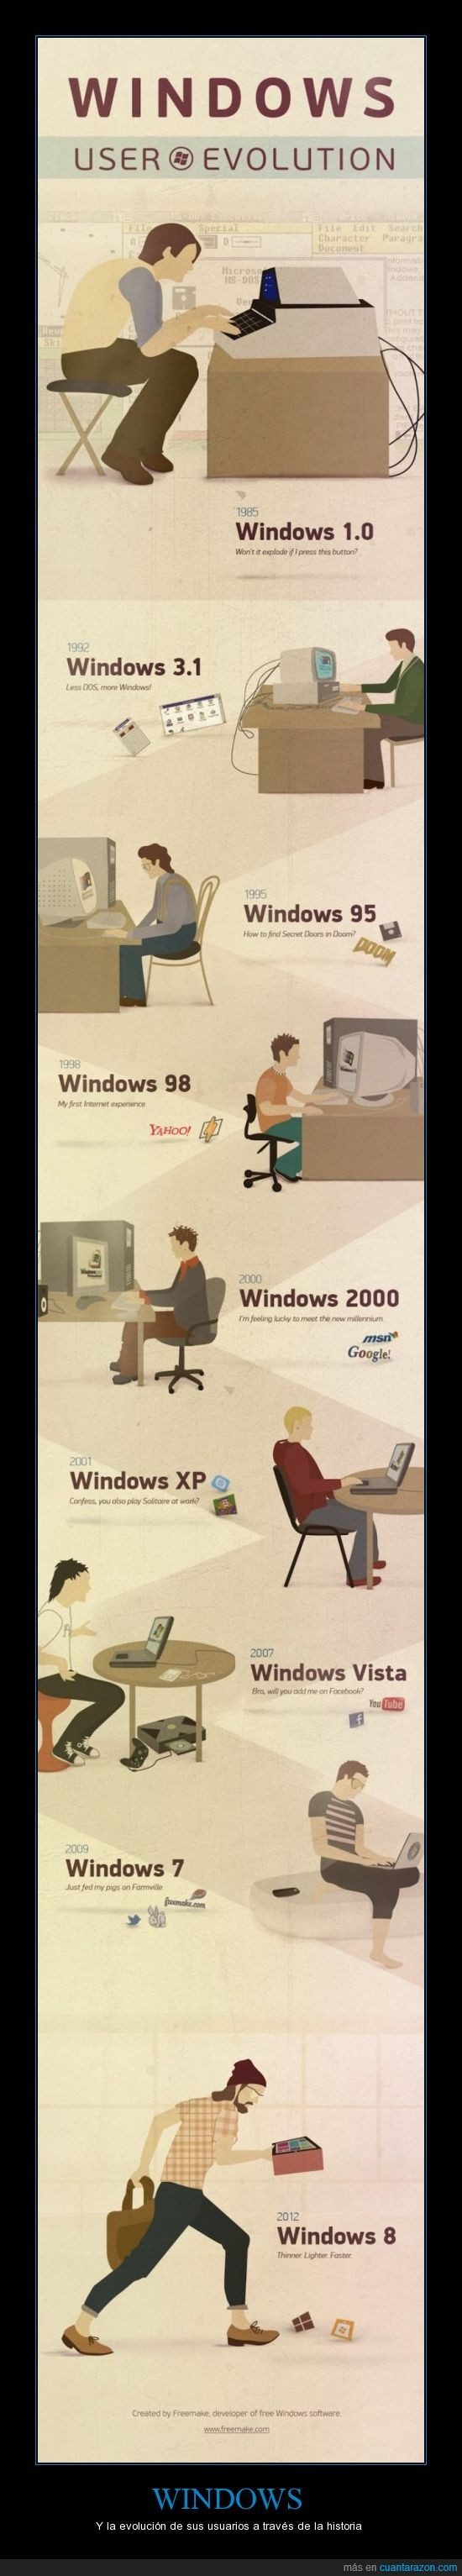 evolucion,historia,usuarios,windows